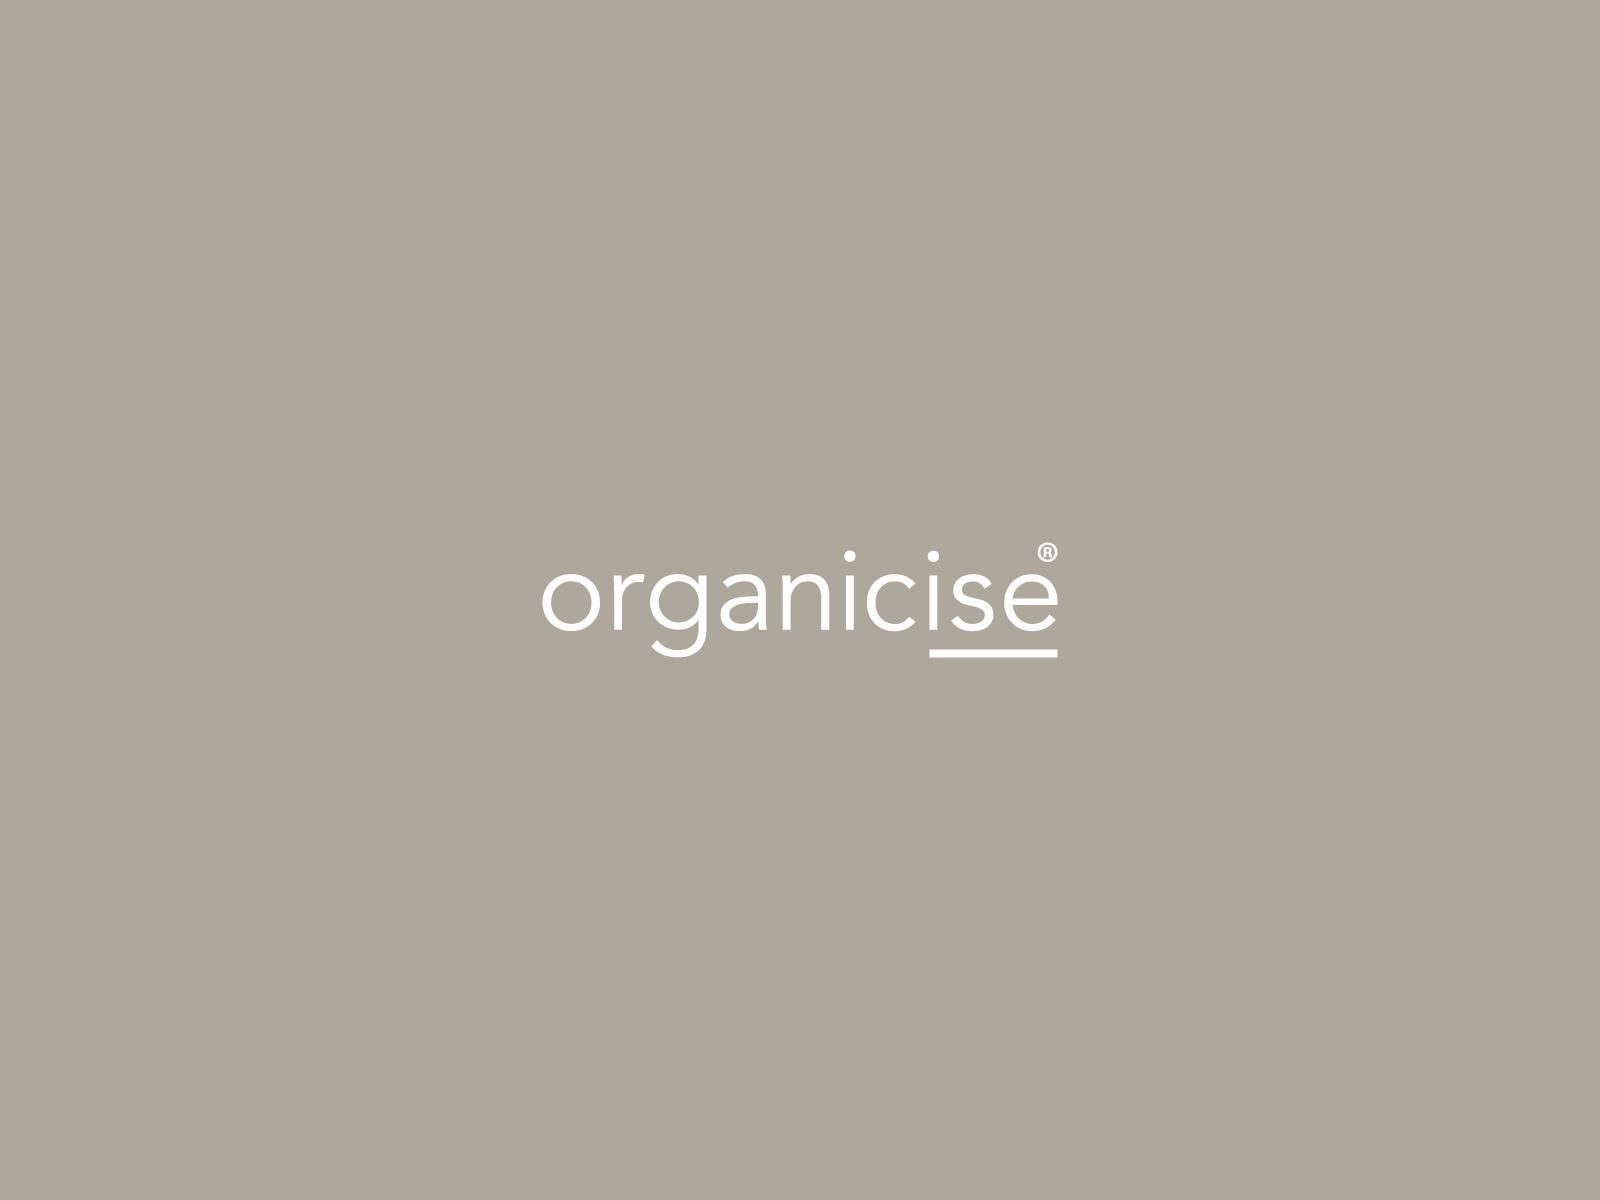 organicise-project-1.jpg